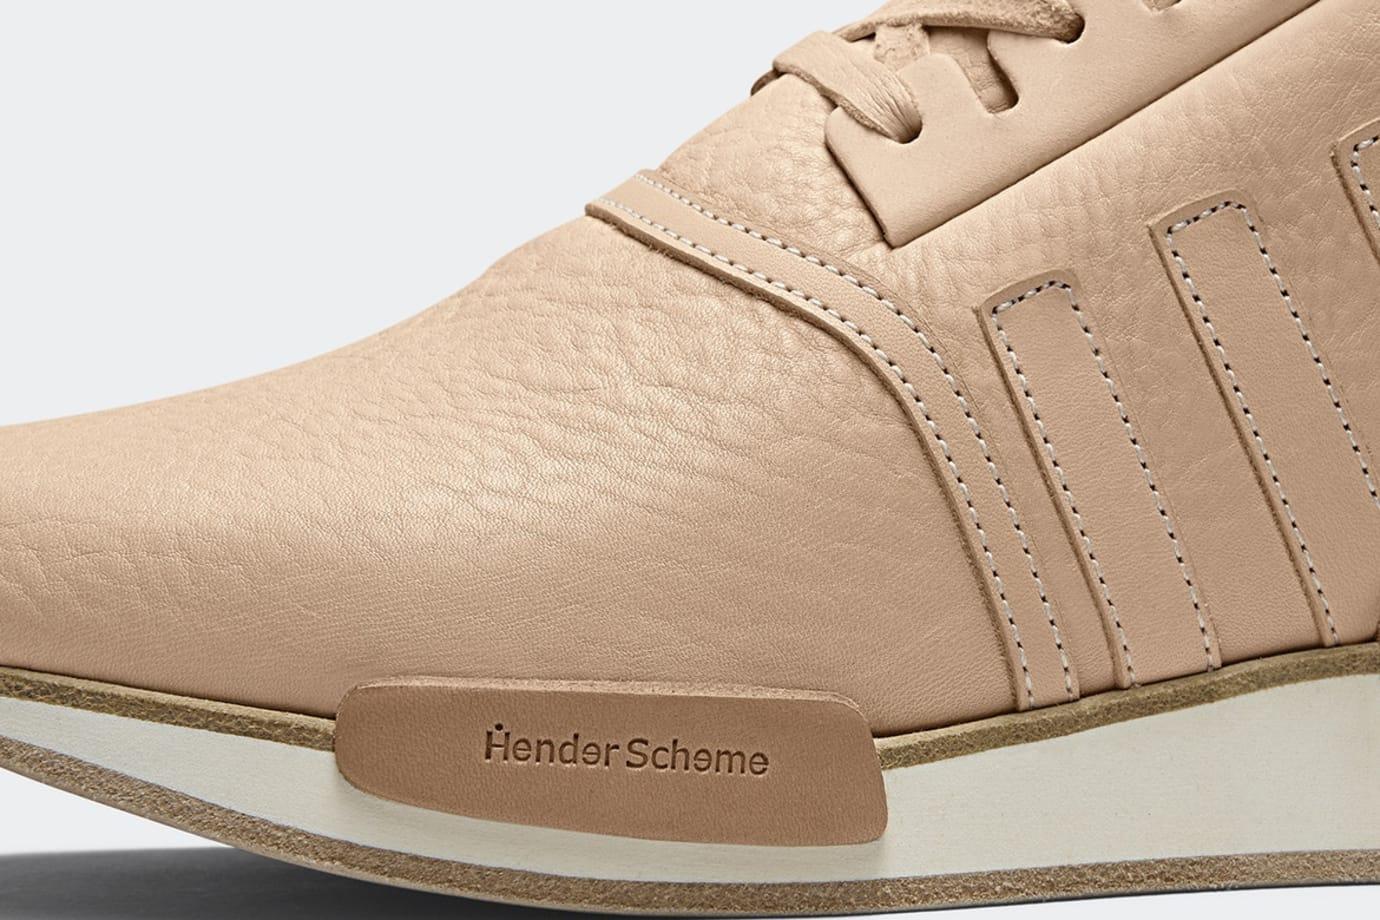 Hender Scheme Adidas NMD Toe